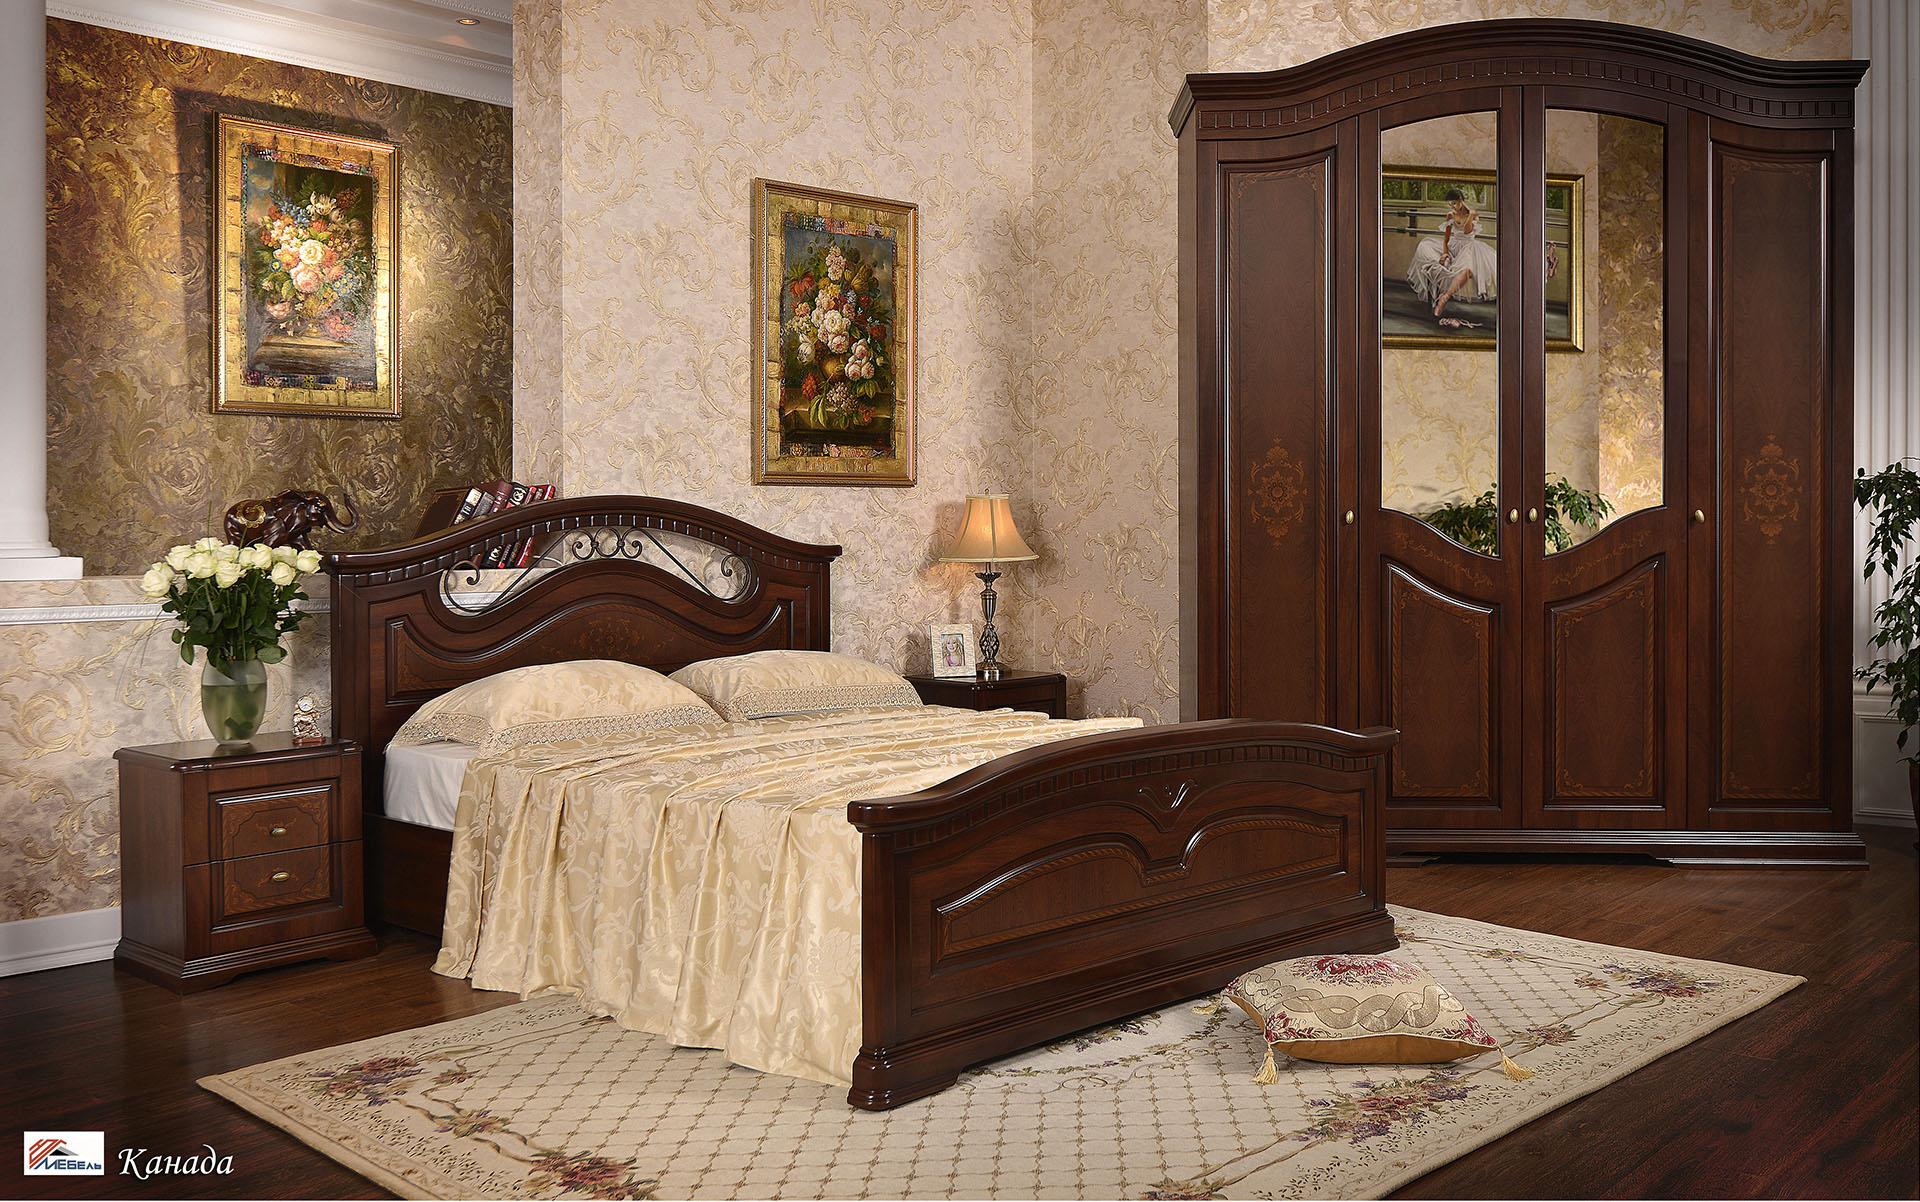 Спальня Канада с 4-дверным шкафом - фото